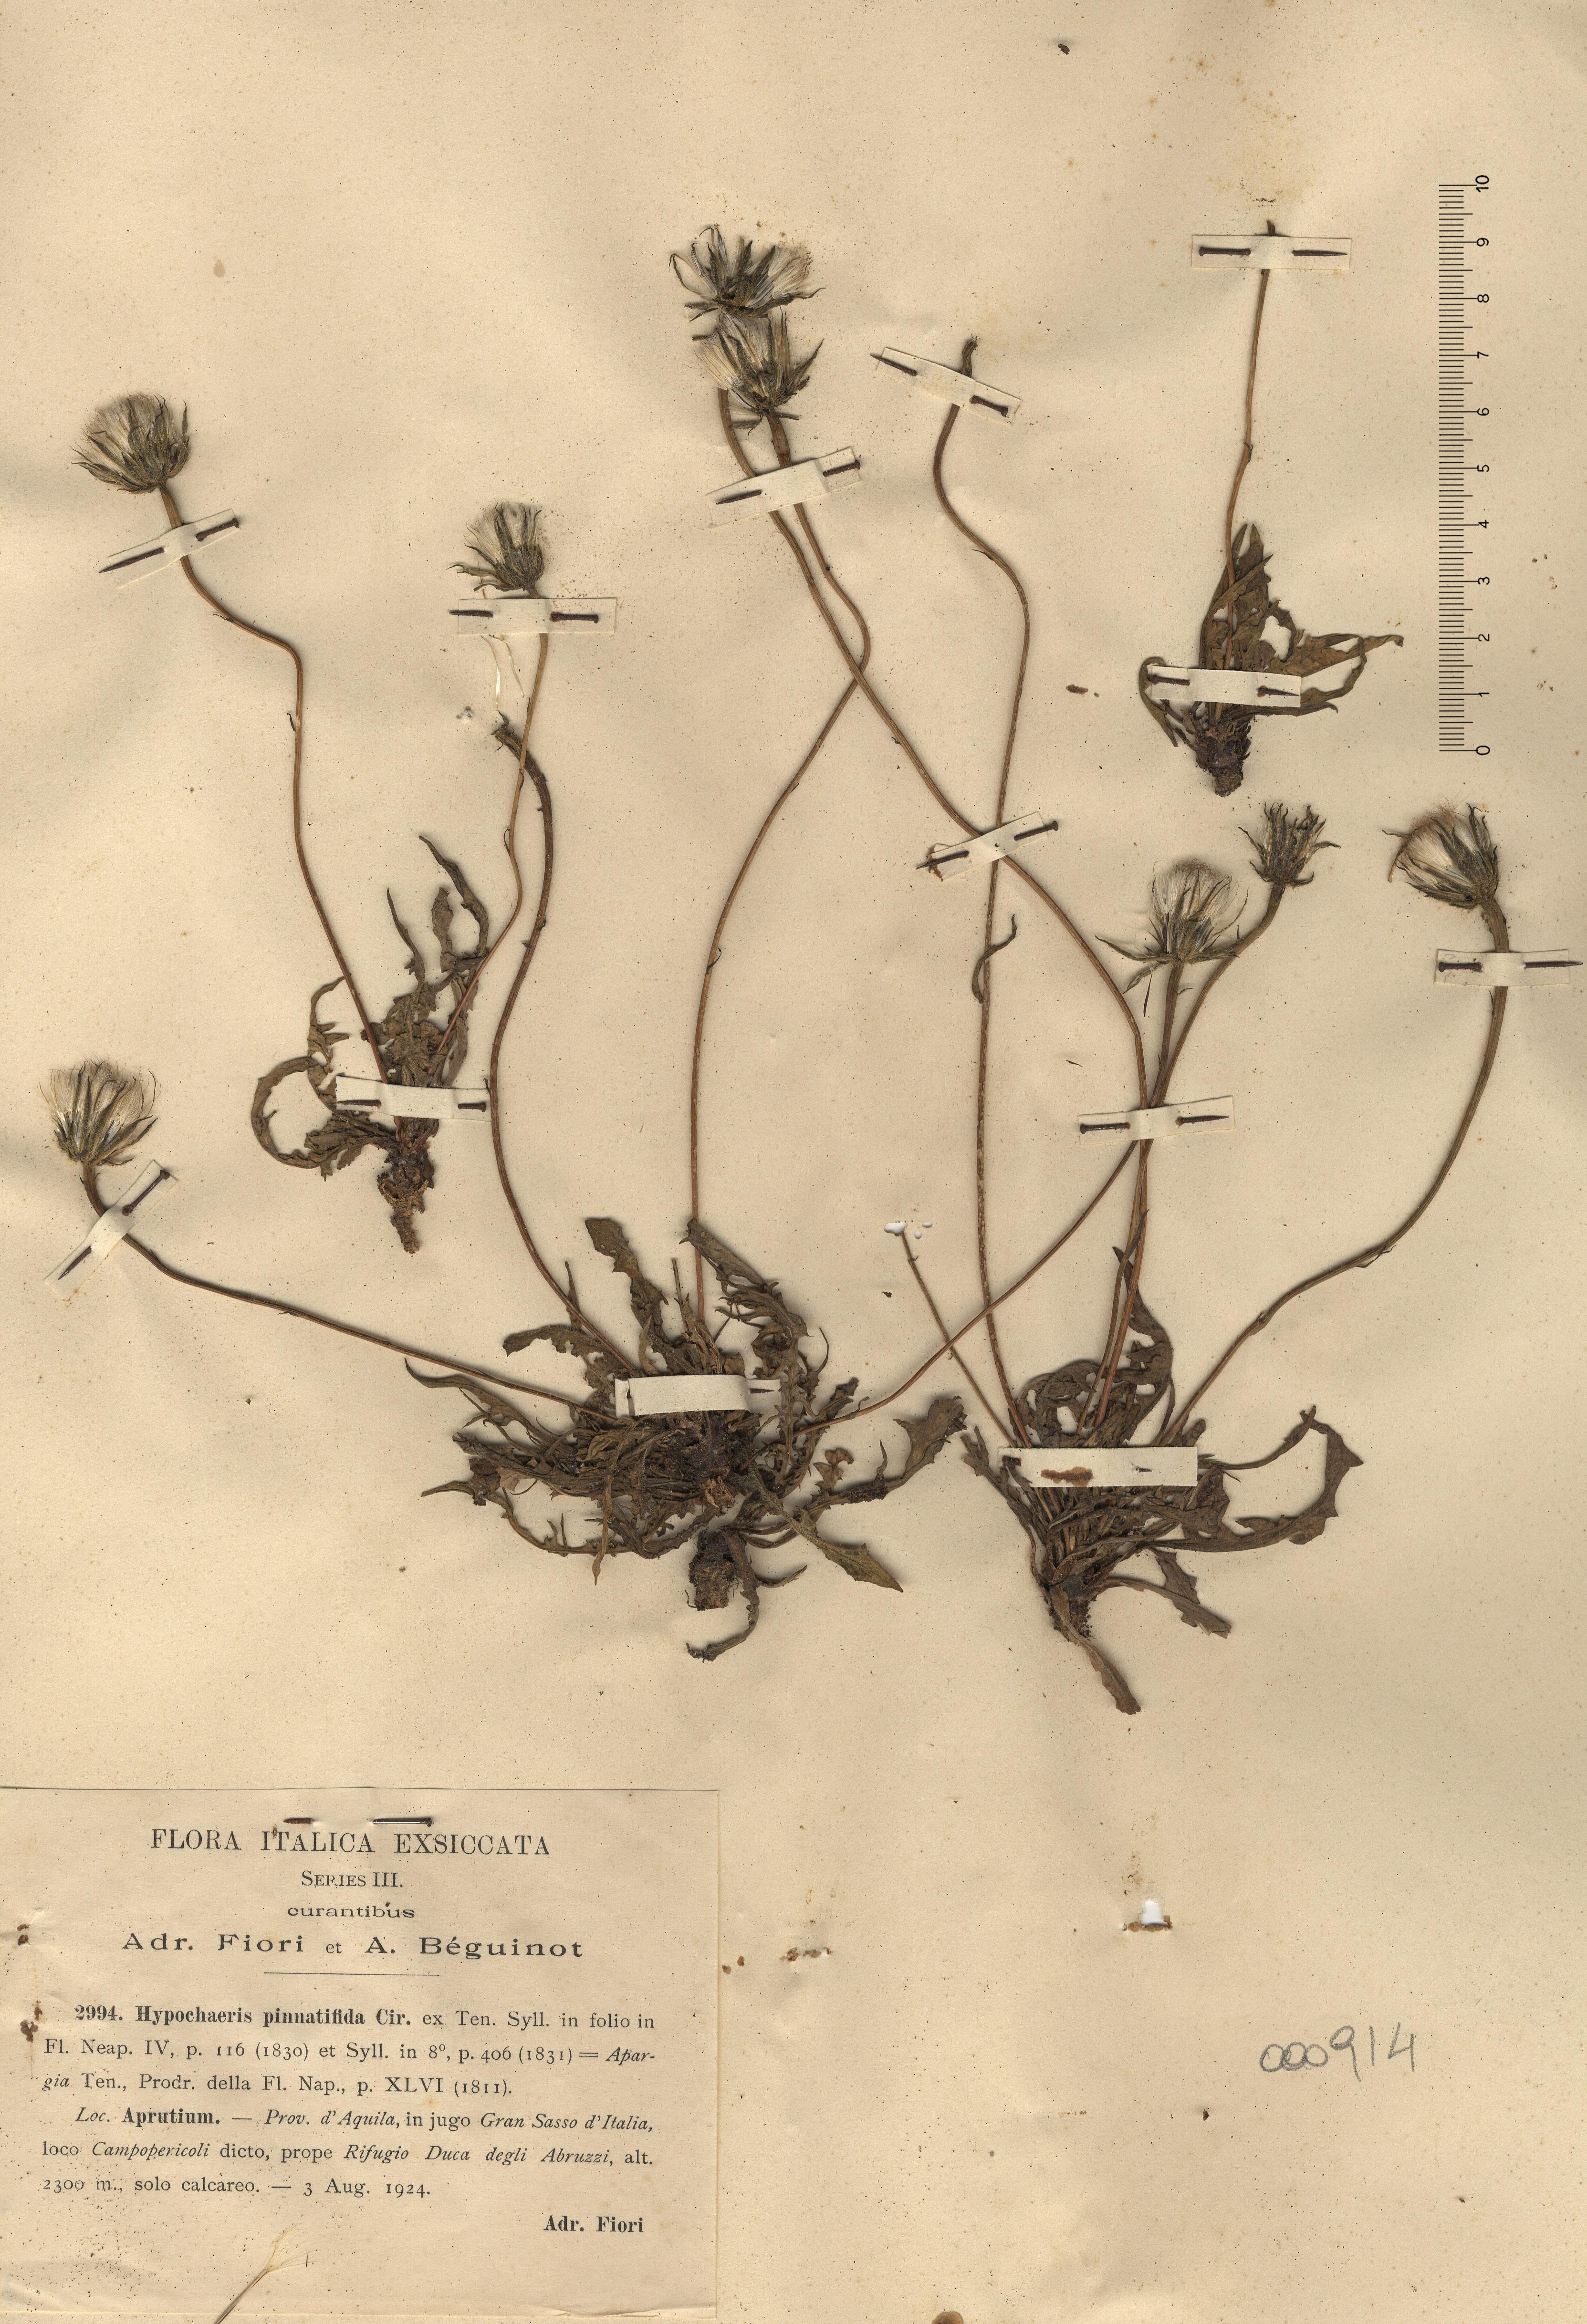 © Hortus Botanicus Catinensis - Herb. sheet 000914<br>